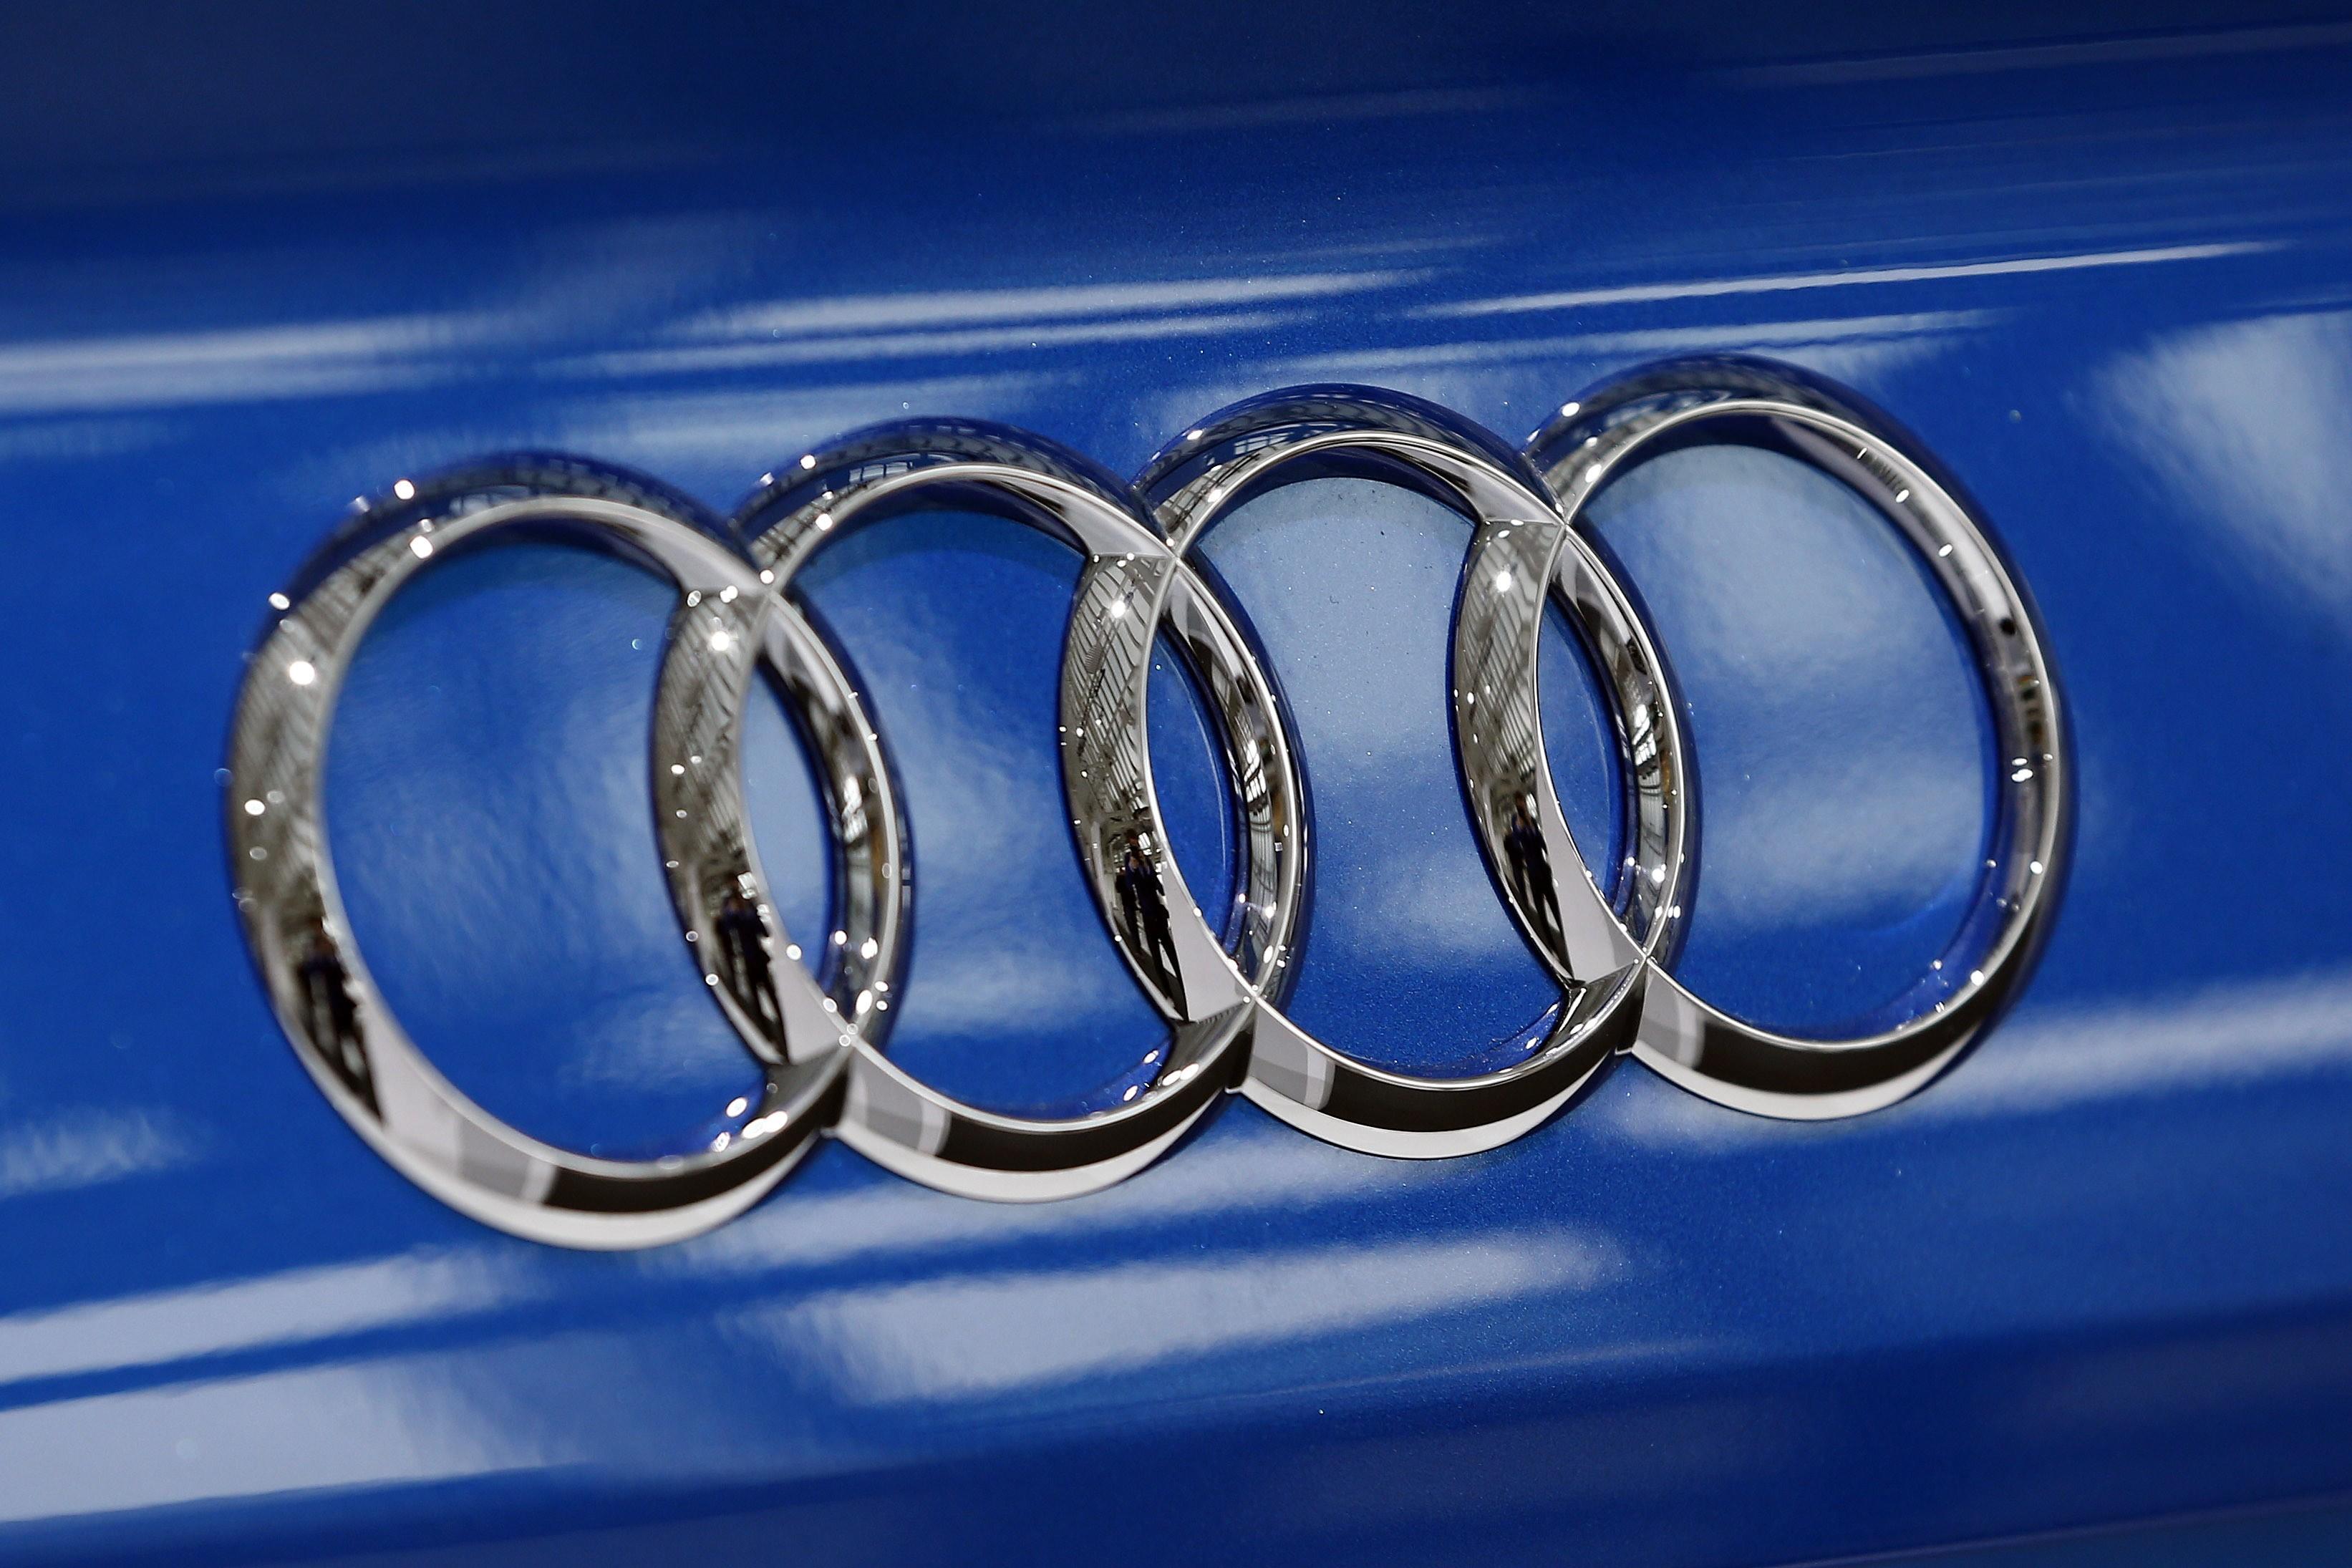 Diretores da Audi são indiciados nos EUA pelo 'dieselgate'